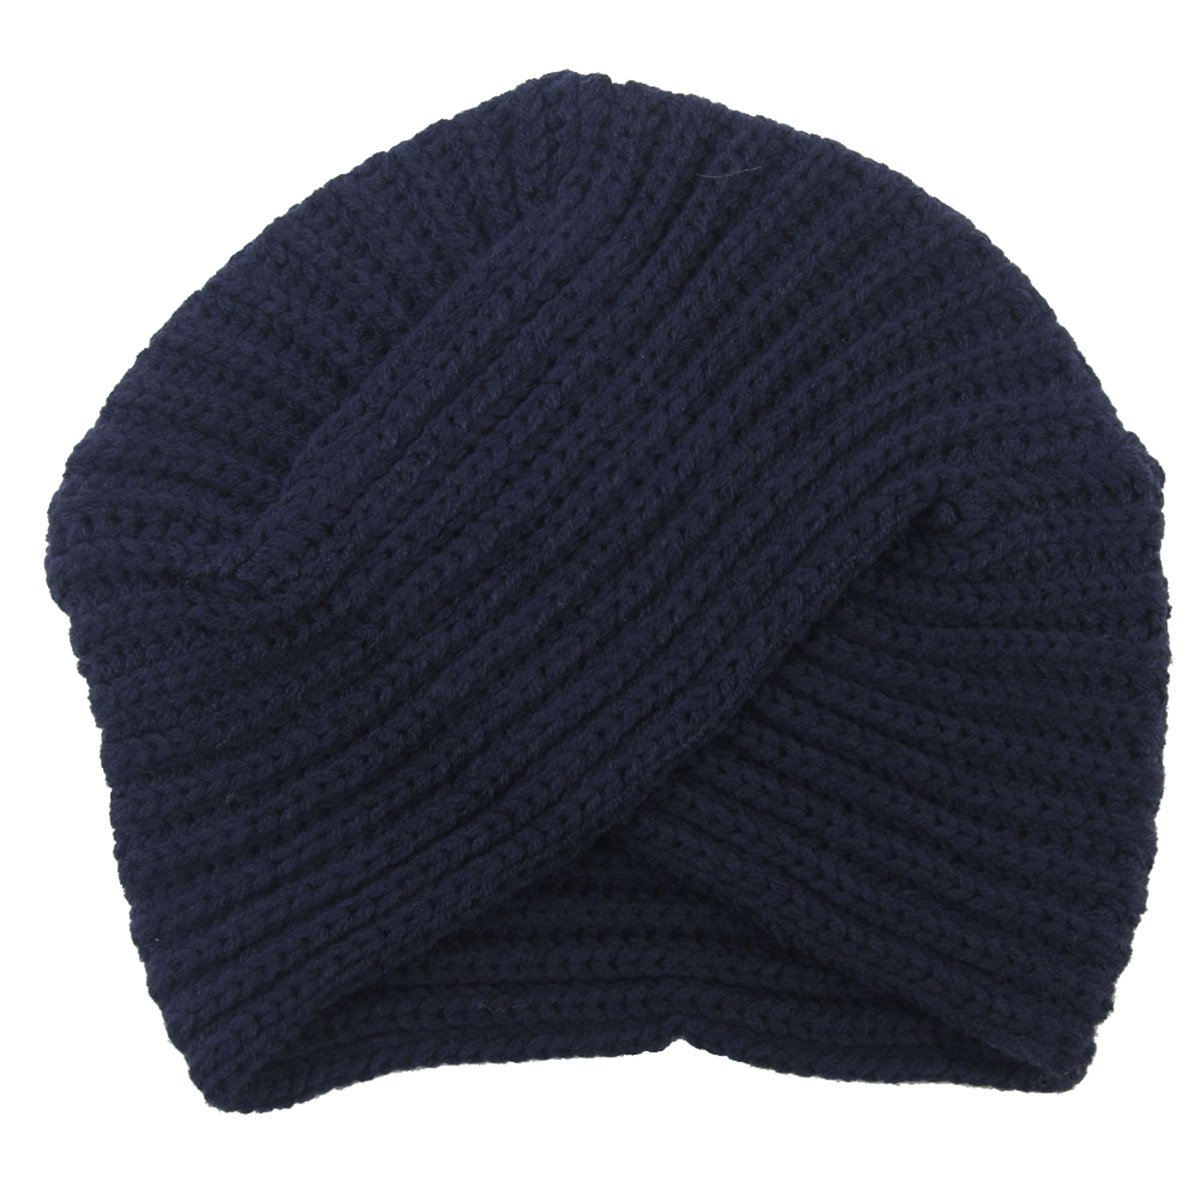 Butterme Cinturino in lana indietro con cappuccio indiano della fascia invernale della traversa del turbante stretto della donna ZUMUii ZUMU00005282